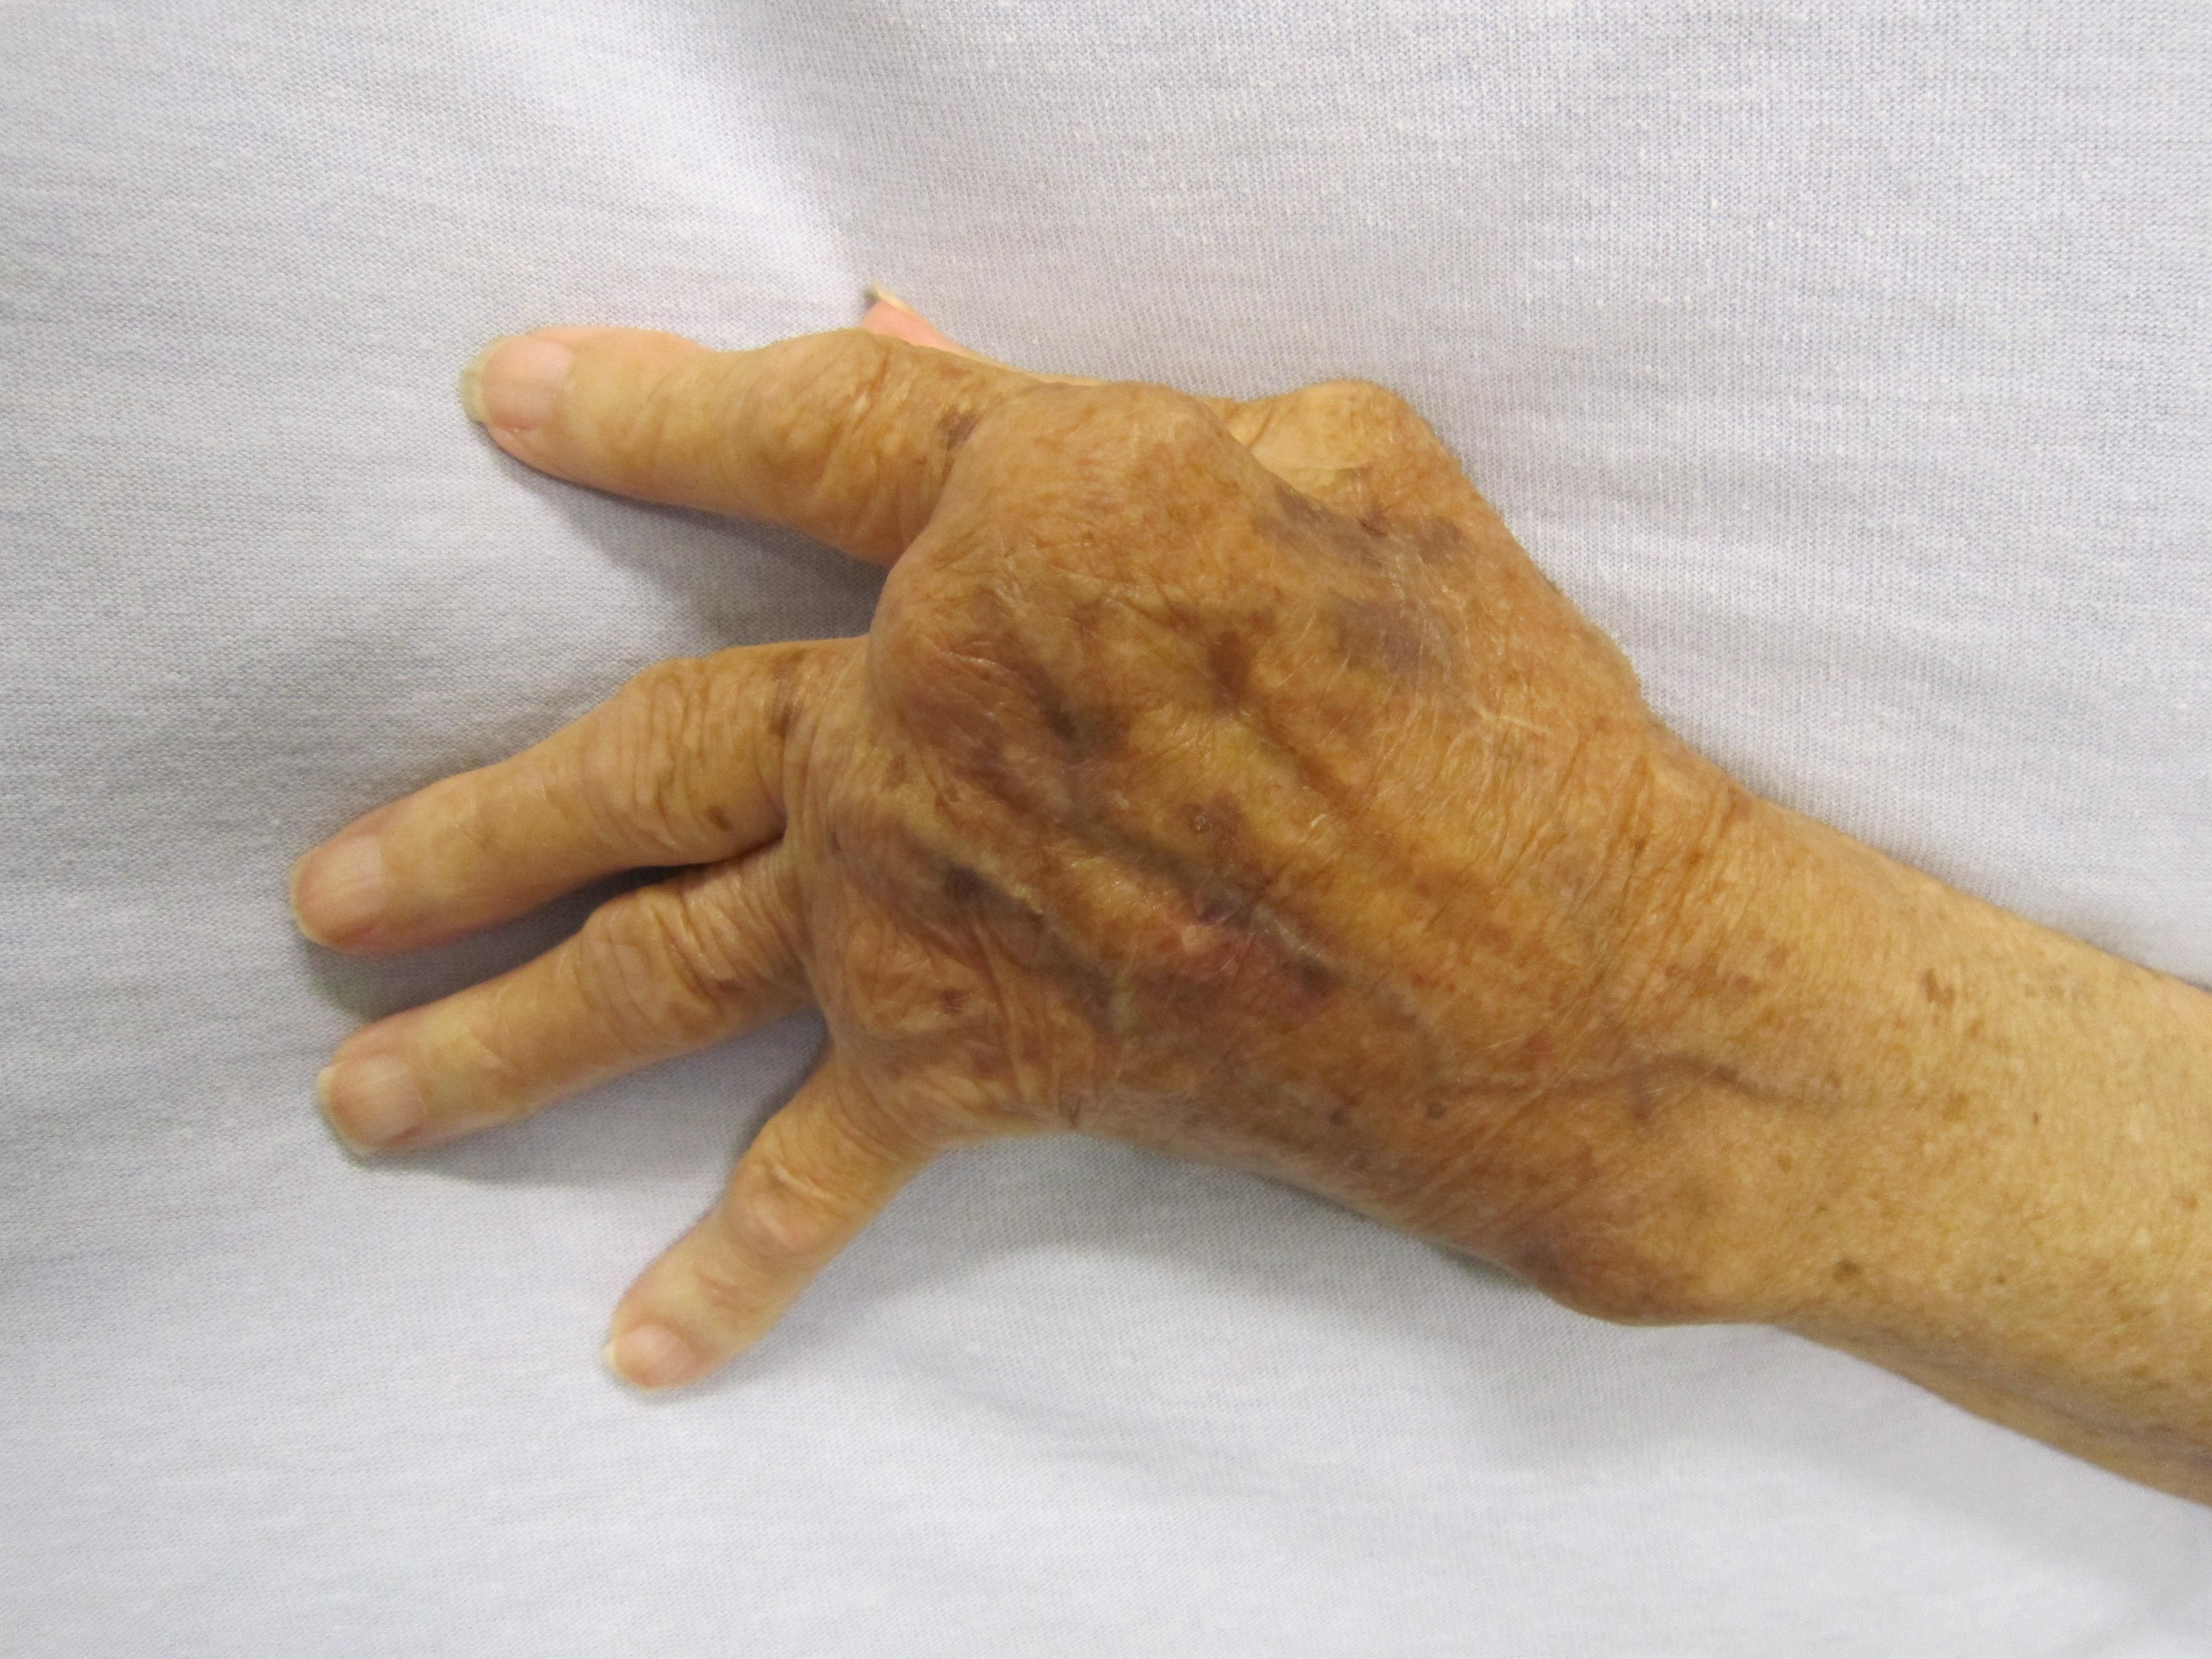 milyen tabletták az artritisz kezelésére hogyan lehet kezelni a gerincvelői csontok ízületi gyulladásait